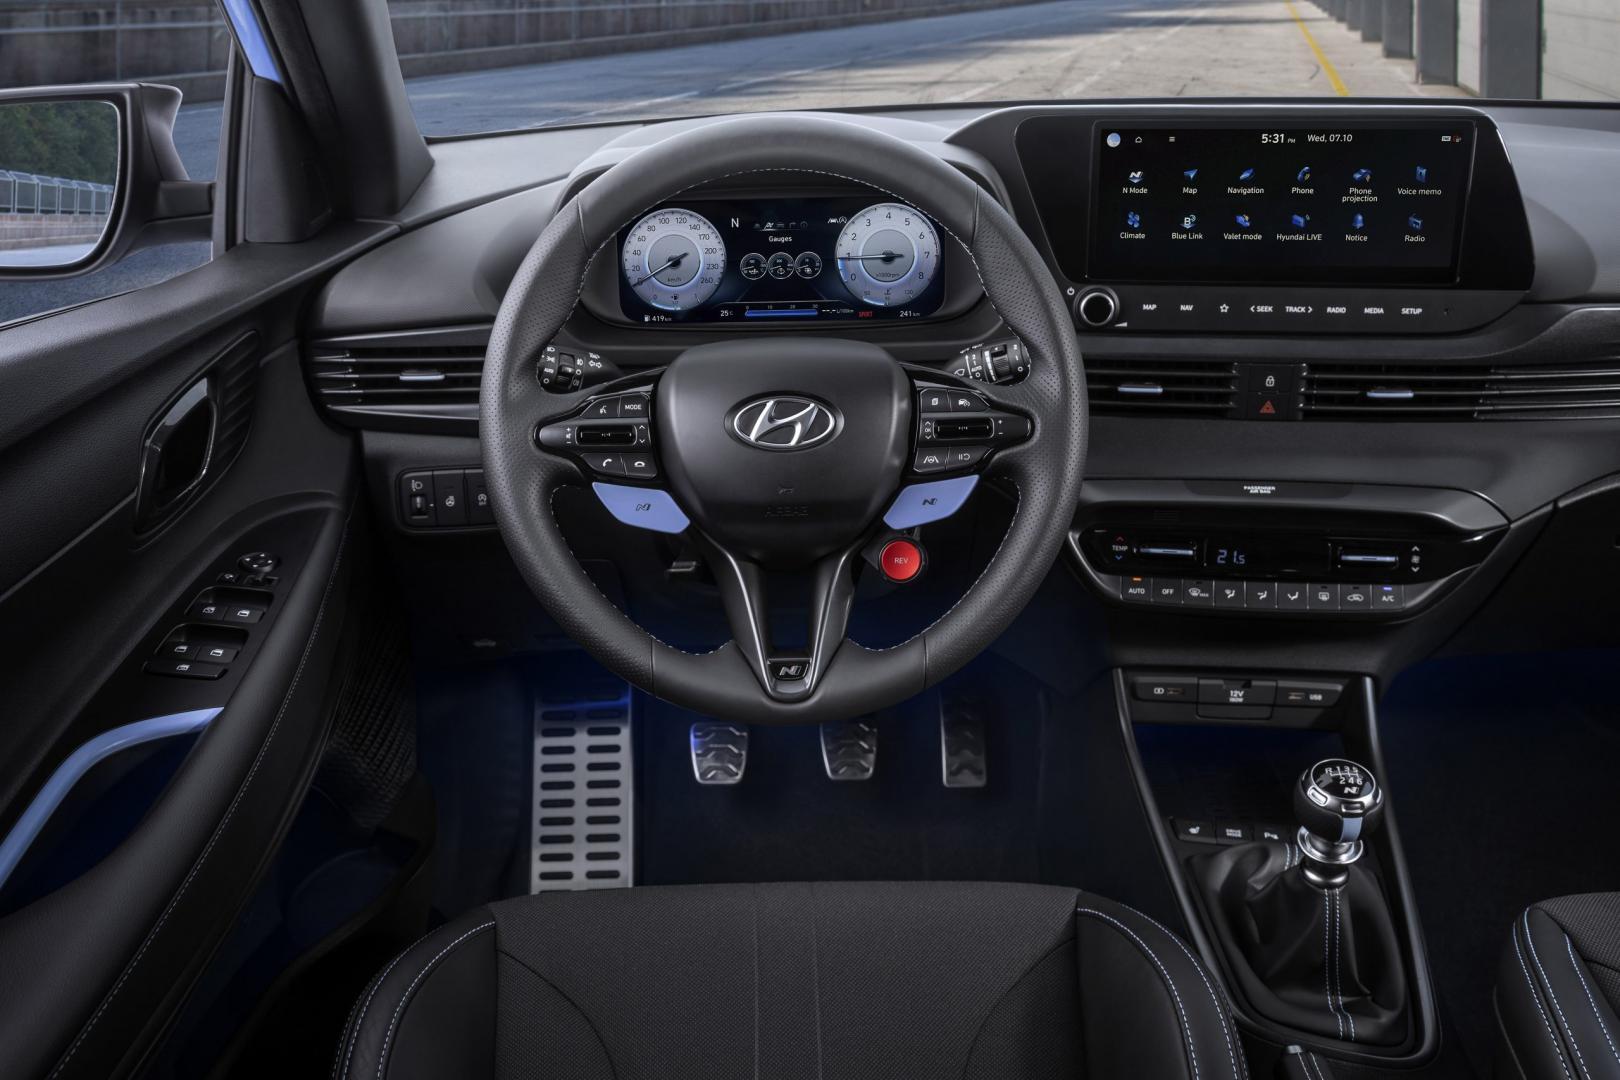 interieur Hyundai i20n 2020